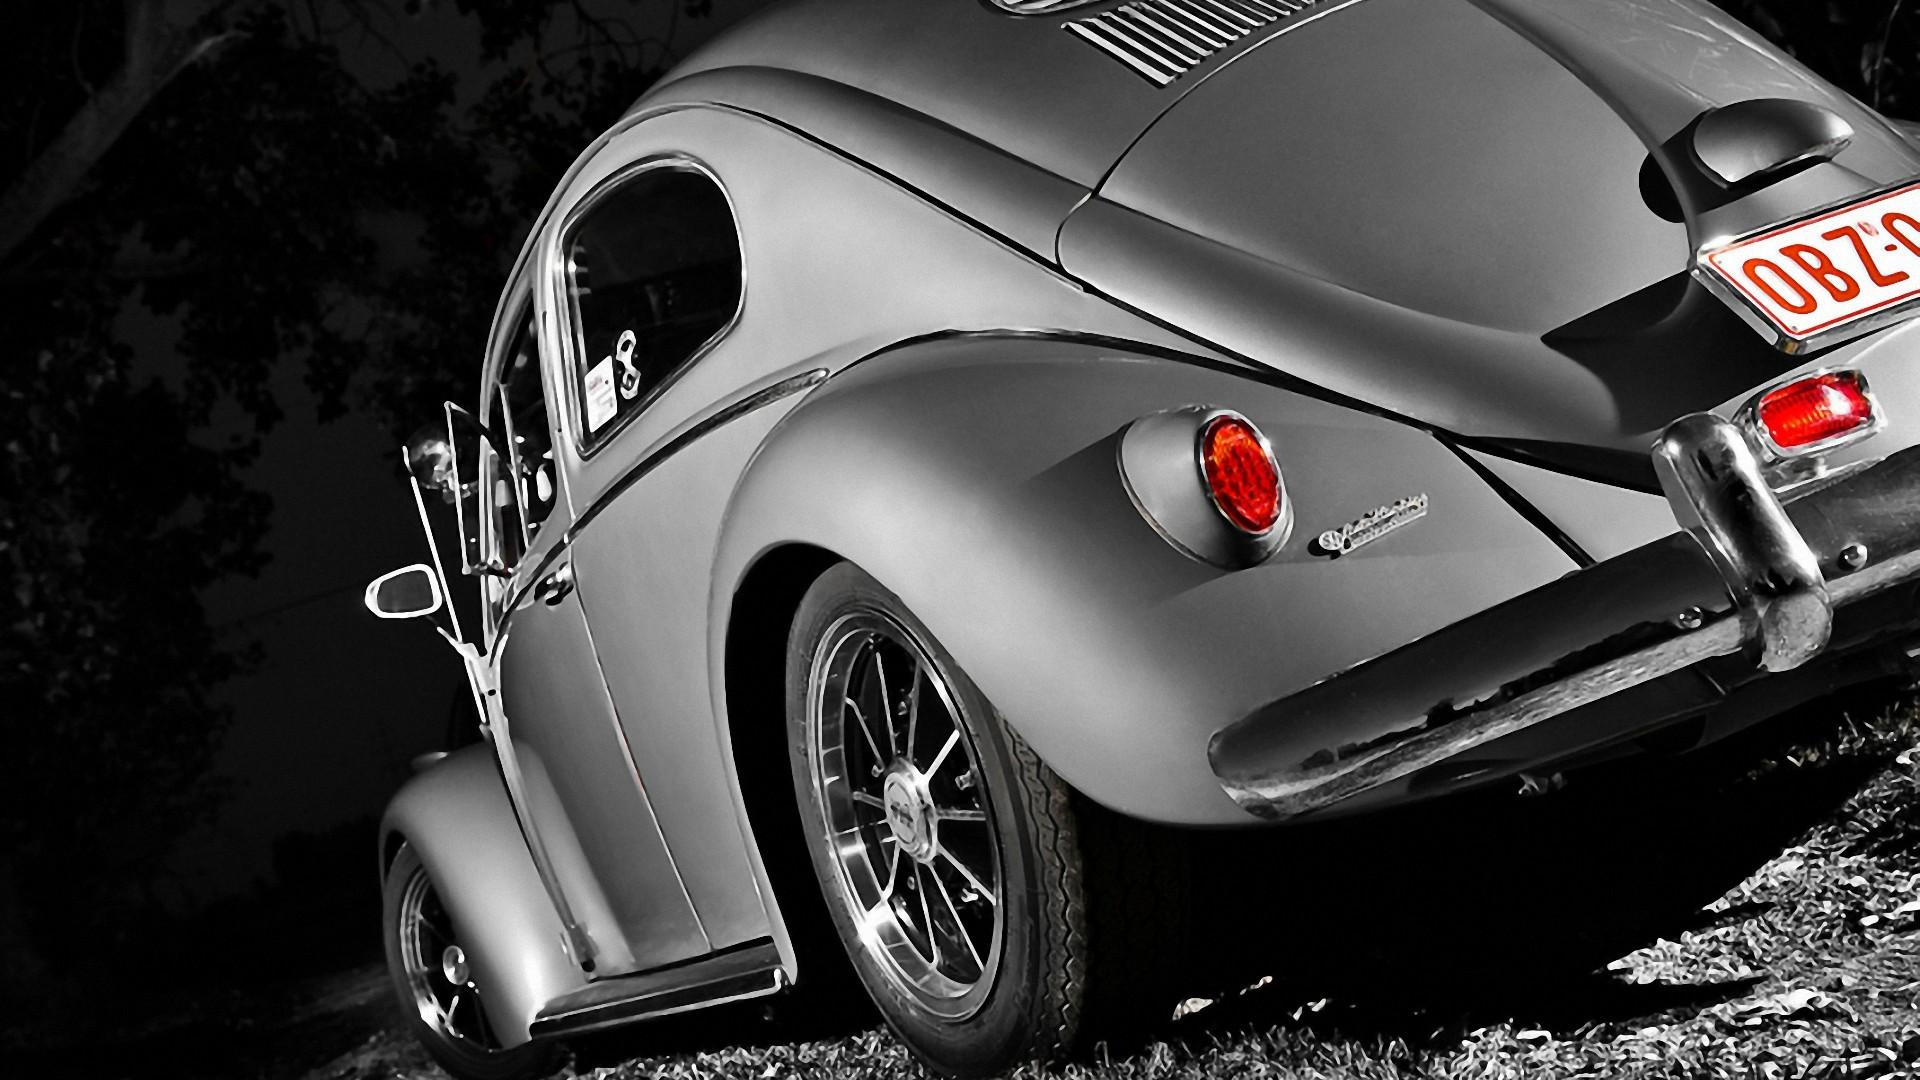 Vw Beetle Iphone Wallpaper Volkswagen Fonds D 233 Cran Arri 232 Res Plan 1920x1080 Id